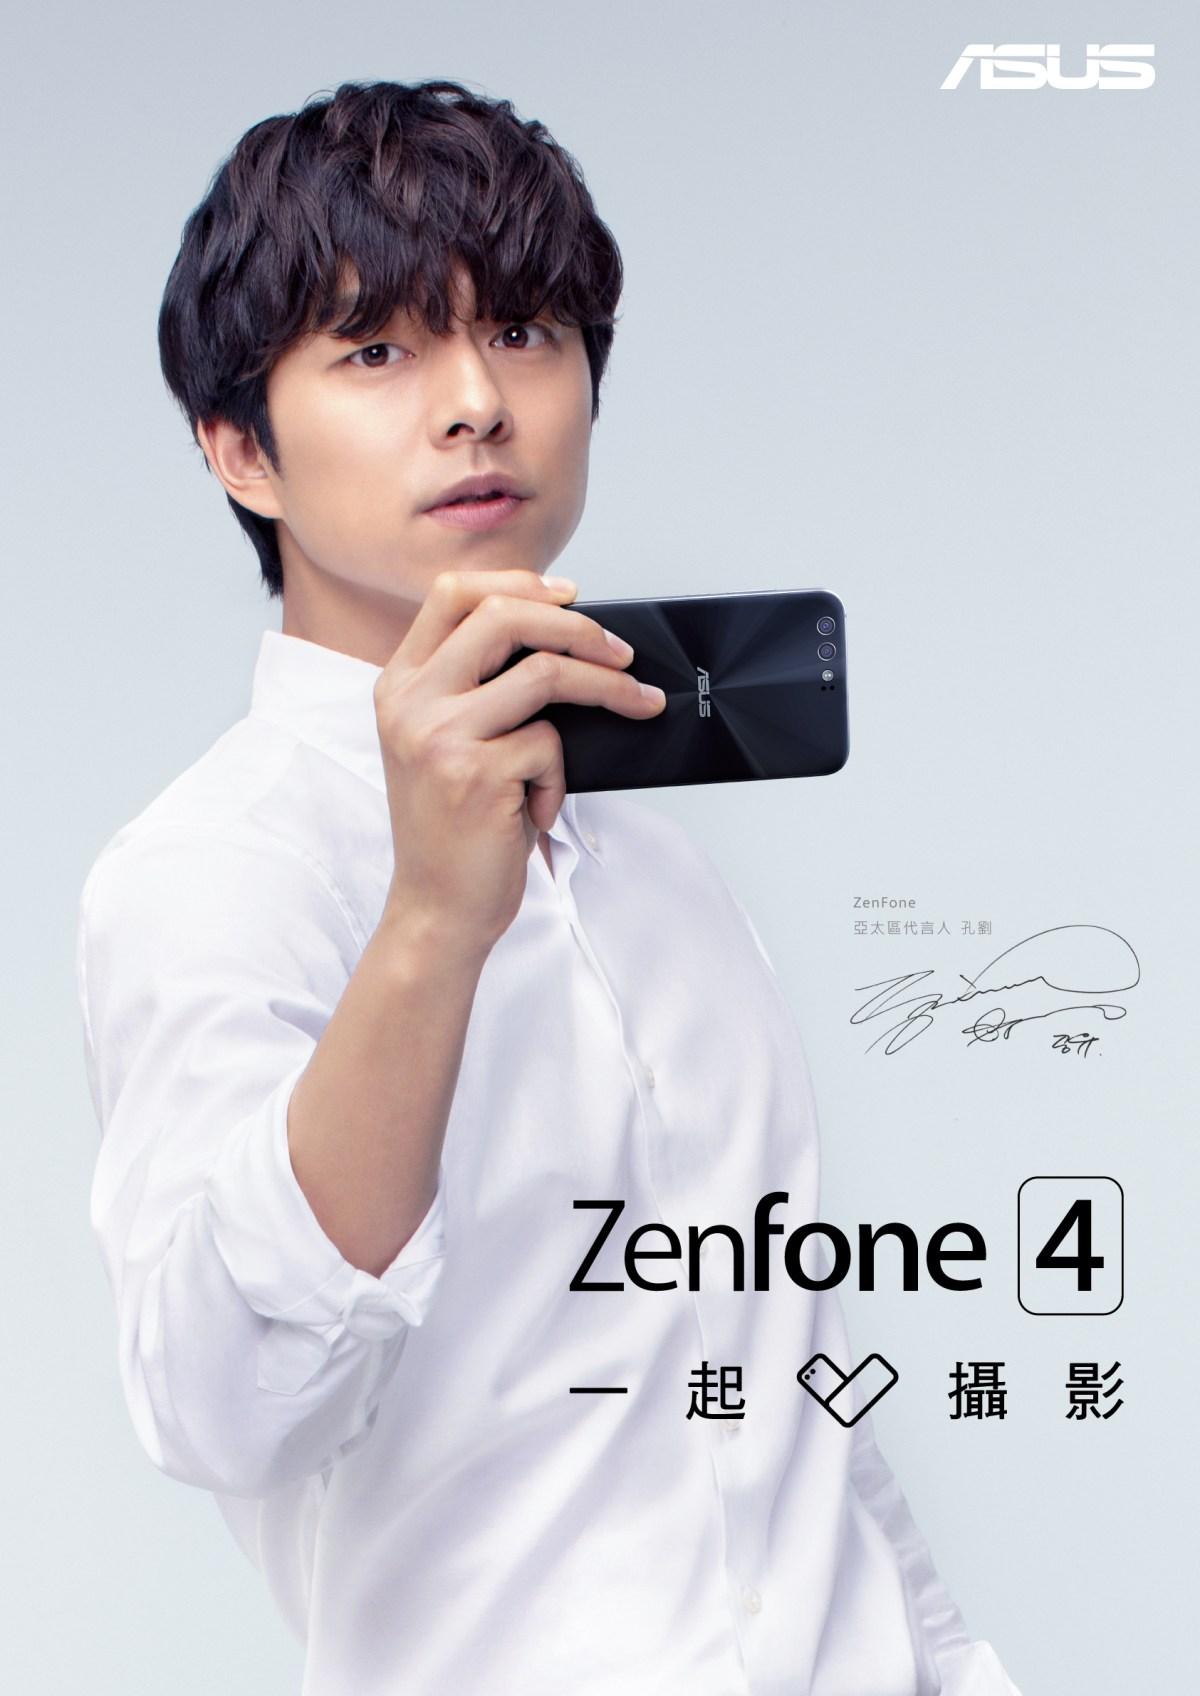 華碩今日宣布由亞洲男神─「孔劉」擔任新一代智慧型手機ASUS-ZenFone-4系列亞太區代言人。.jpg?fit=1200%2C1696